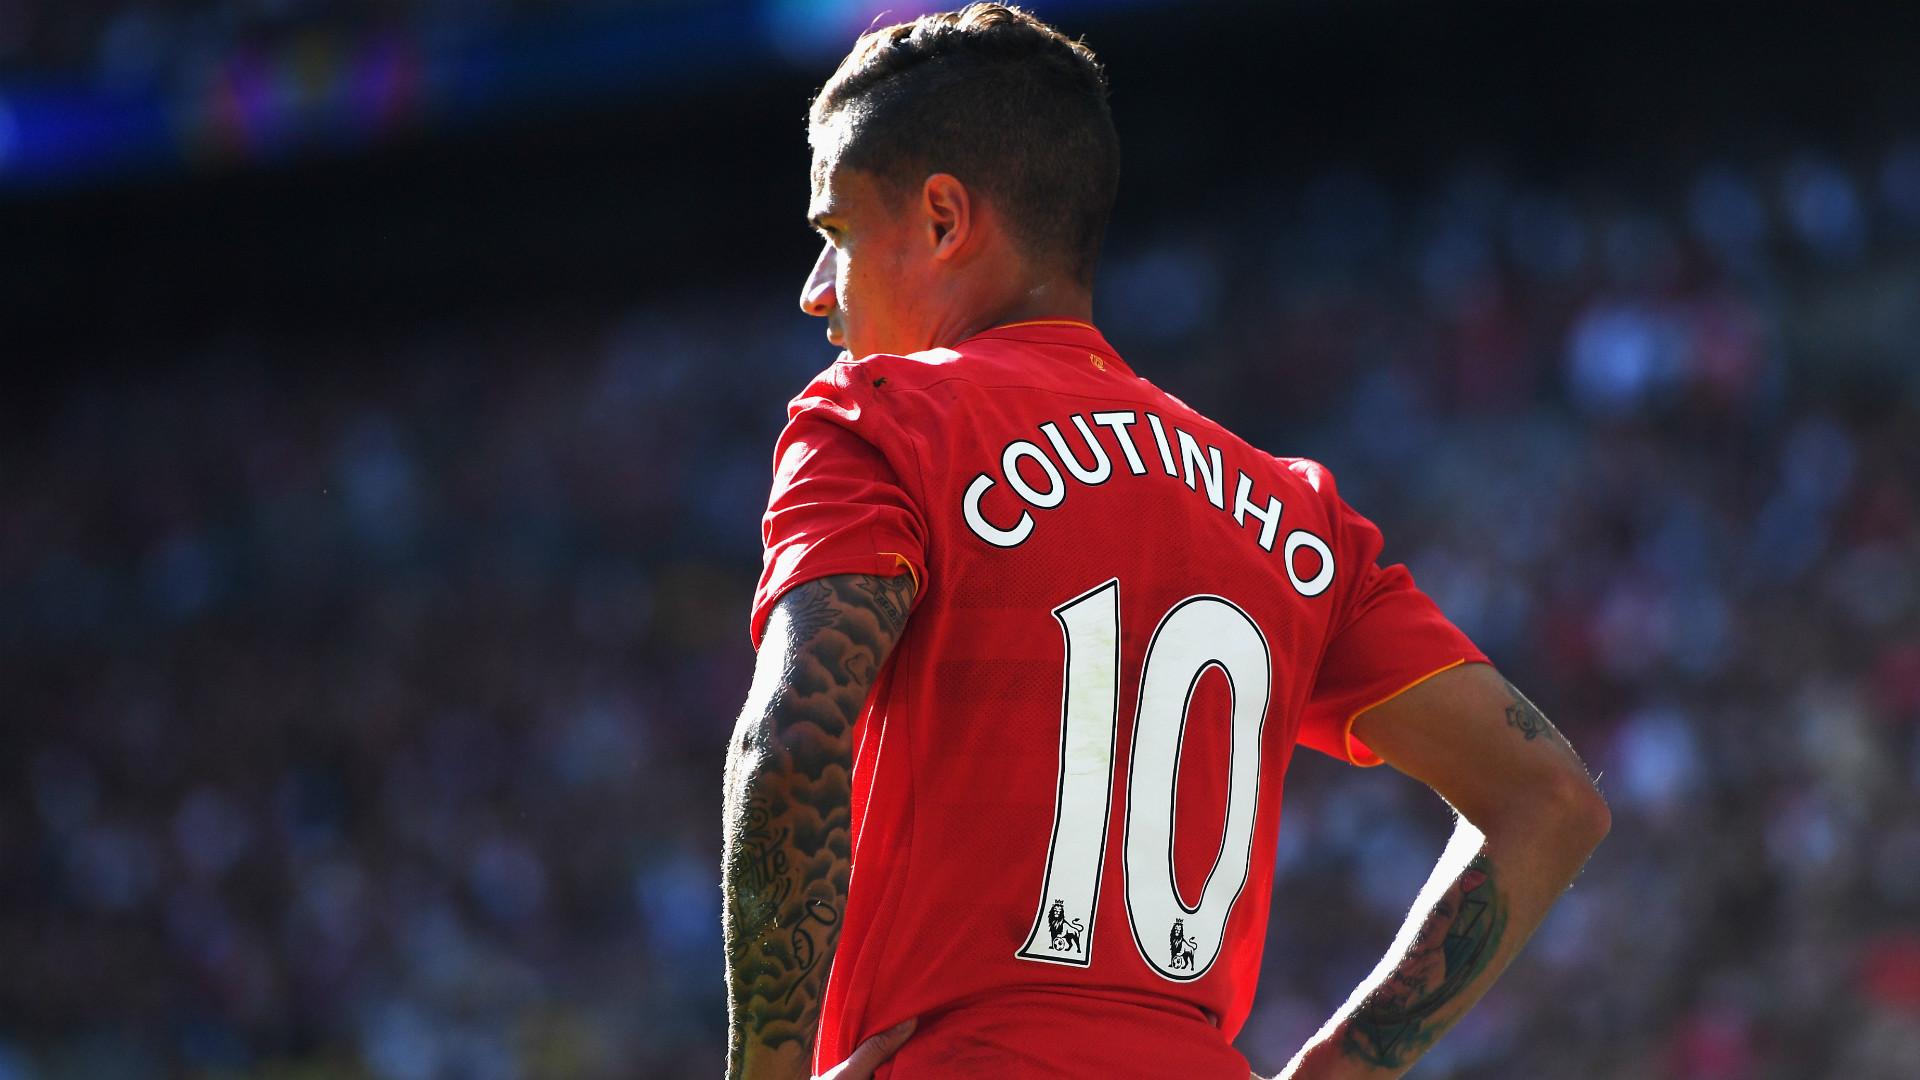 Il modello Liverpool, ovvero vendere Coutinho e andare in finale di Champions